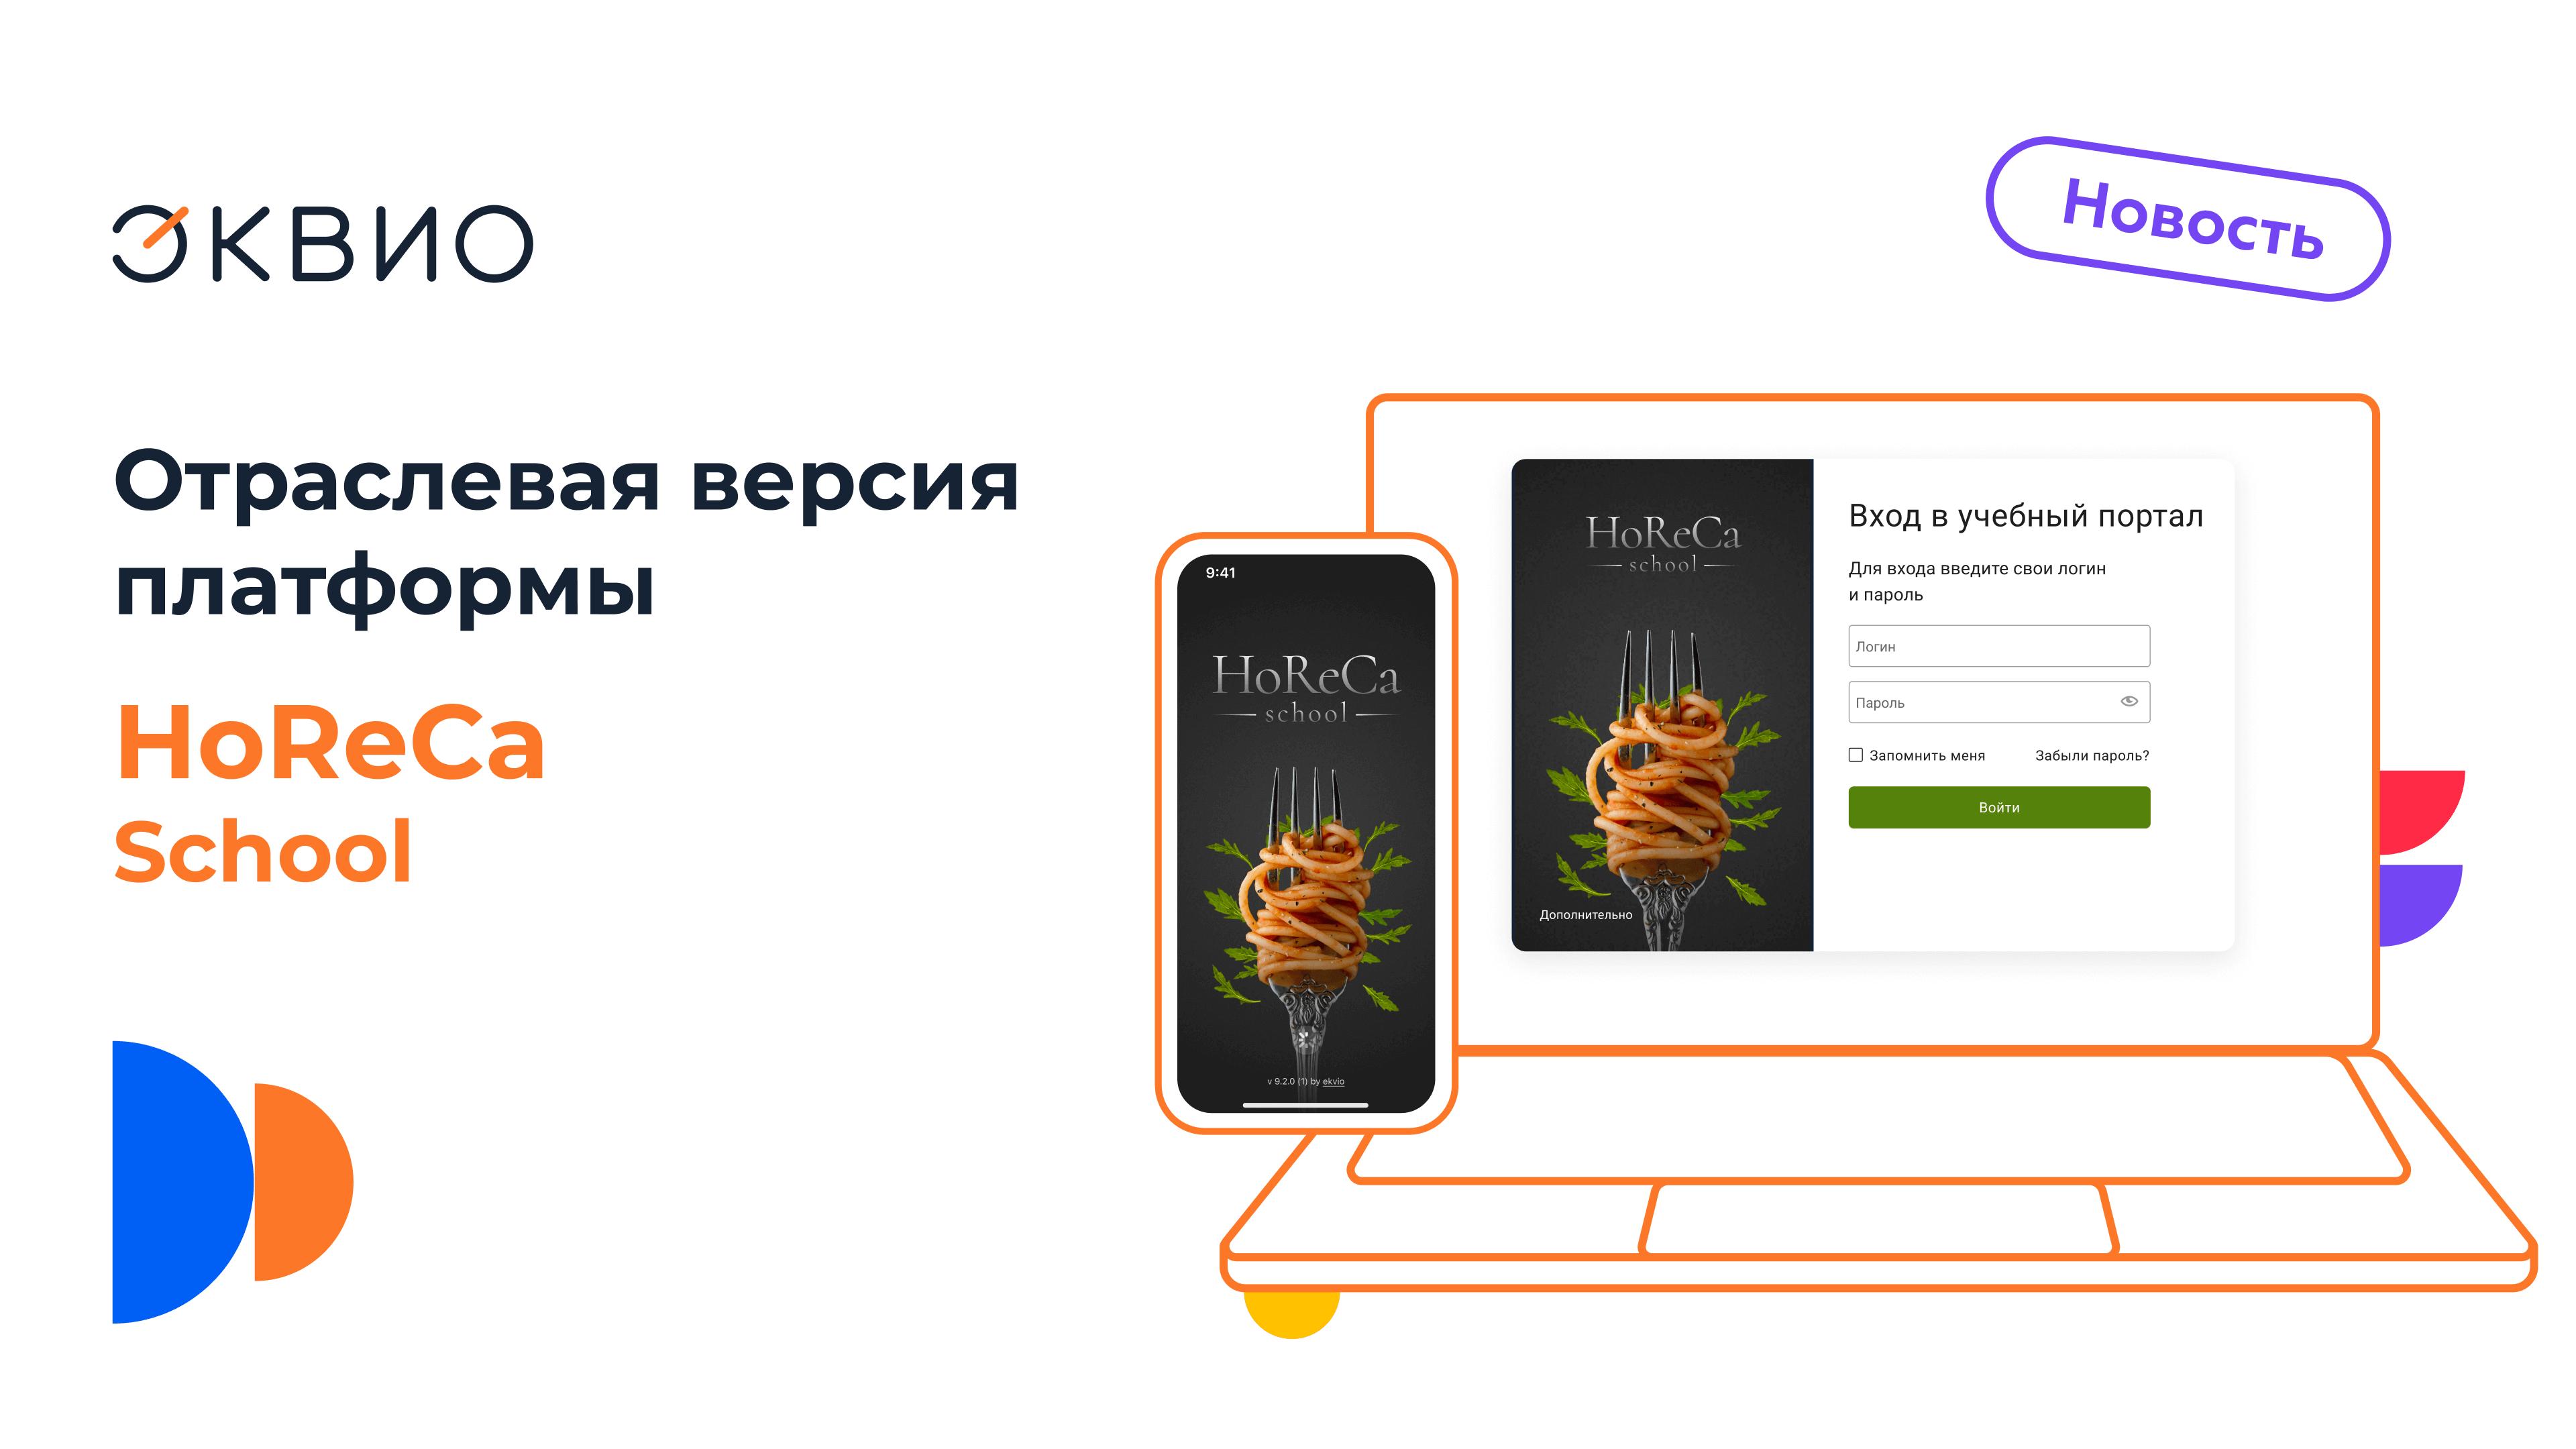 омпания Эквио выпустила отраслевую версию платформы для HoReCa